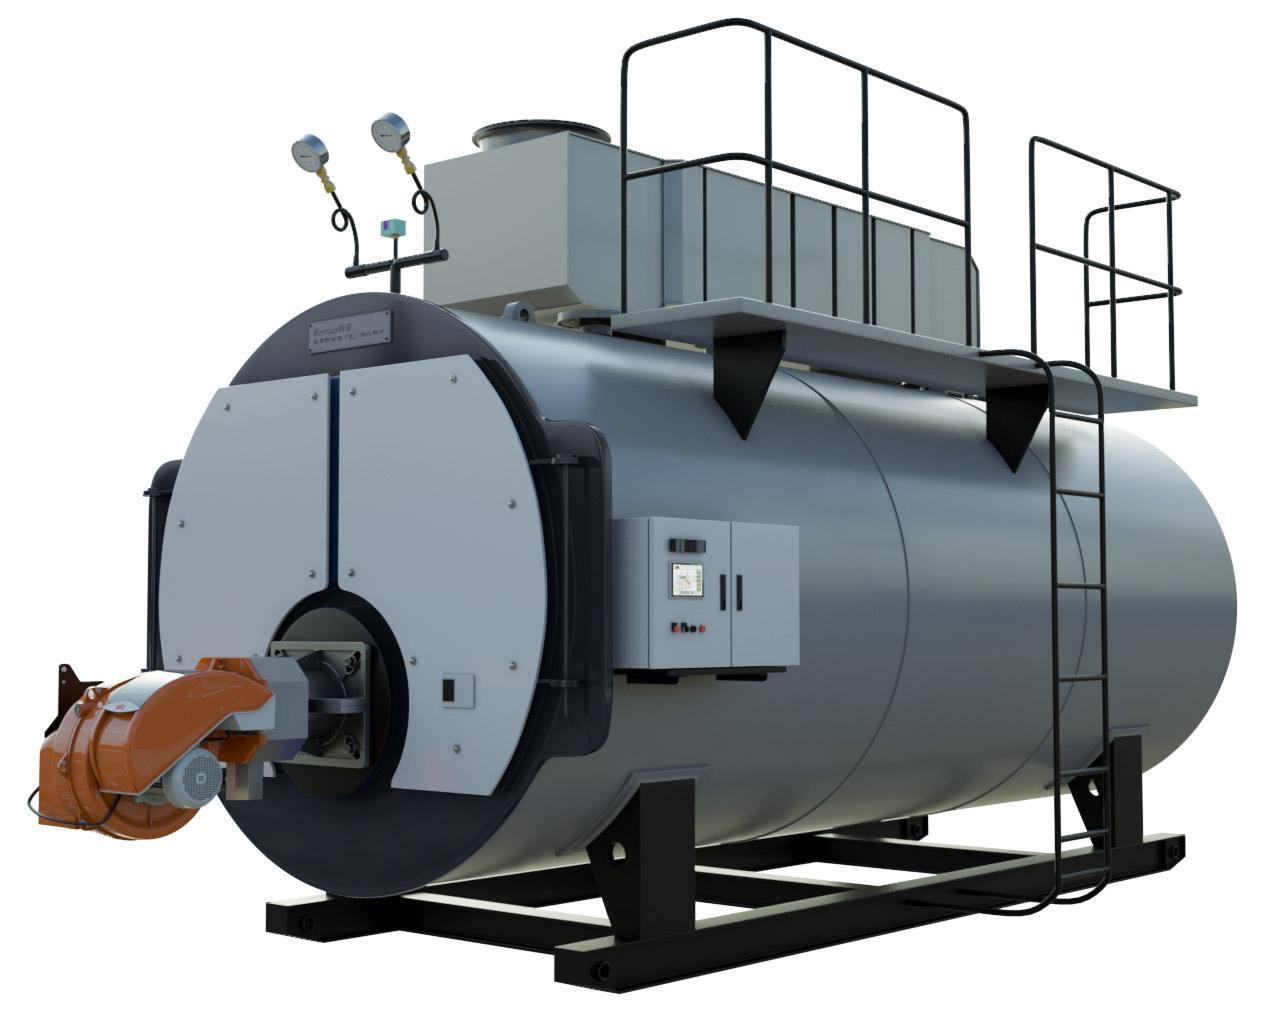 怎么将高氮锅炉改造成污染低的成都低氮锅炉?